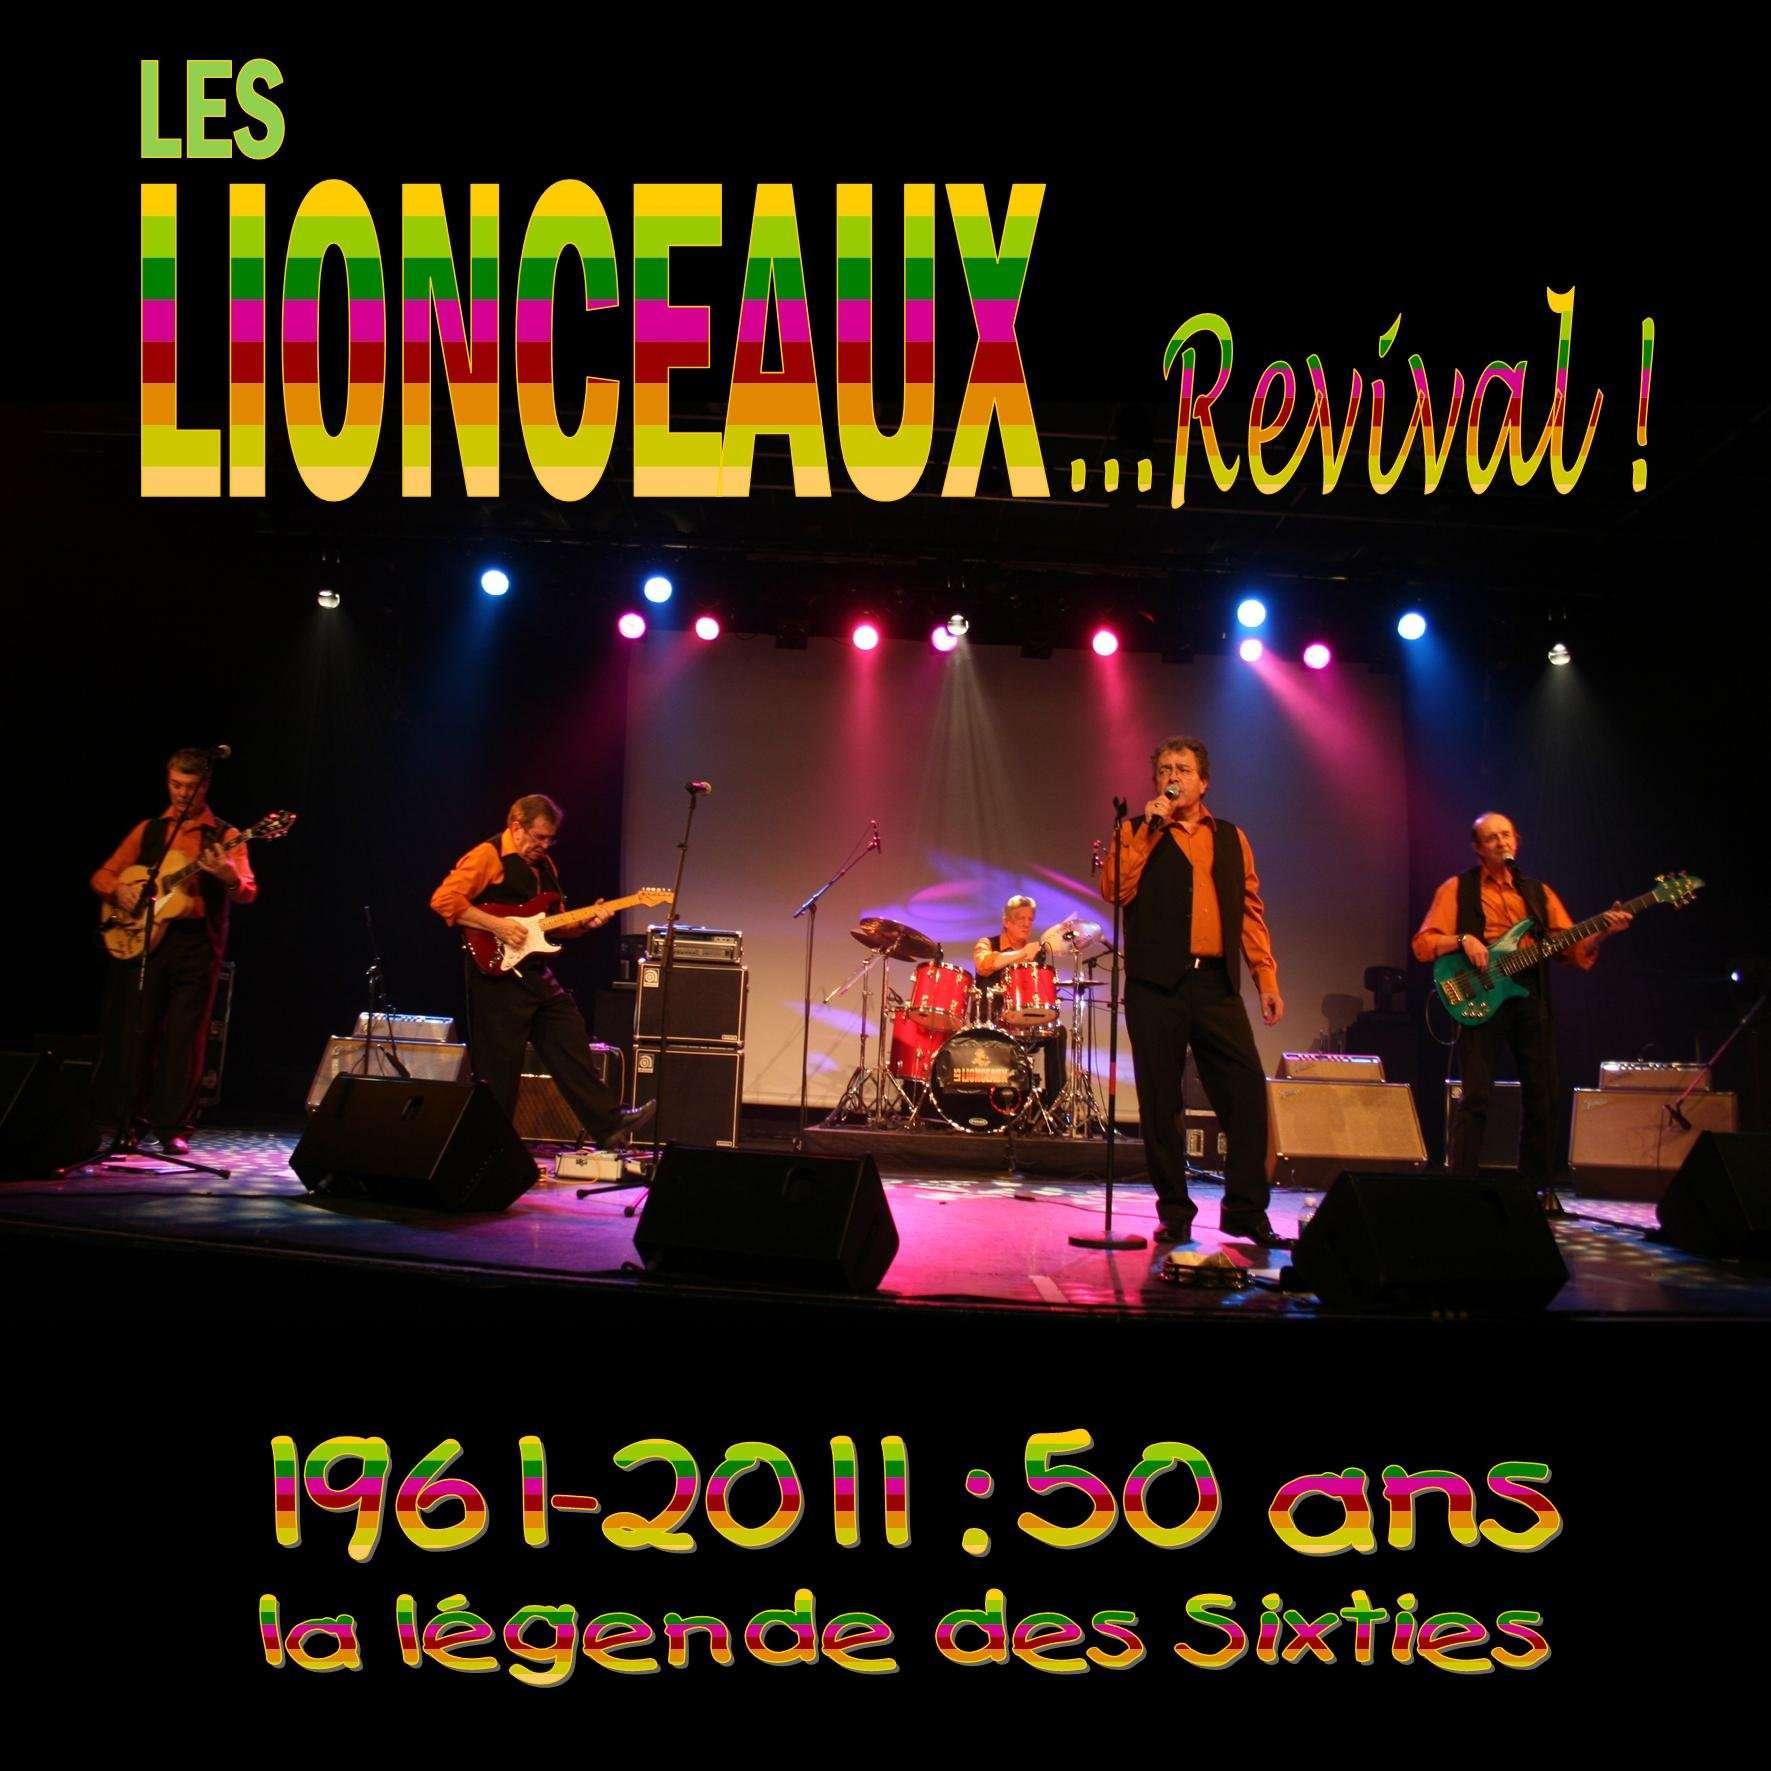 LES LIONCEAUX REVIVAL 1961 - 2011 : Les Lionceaux ont 50 ans !